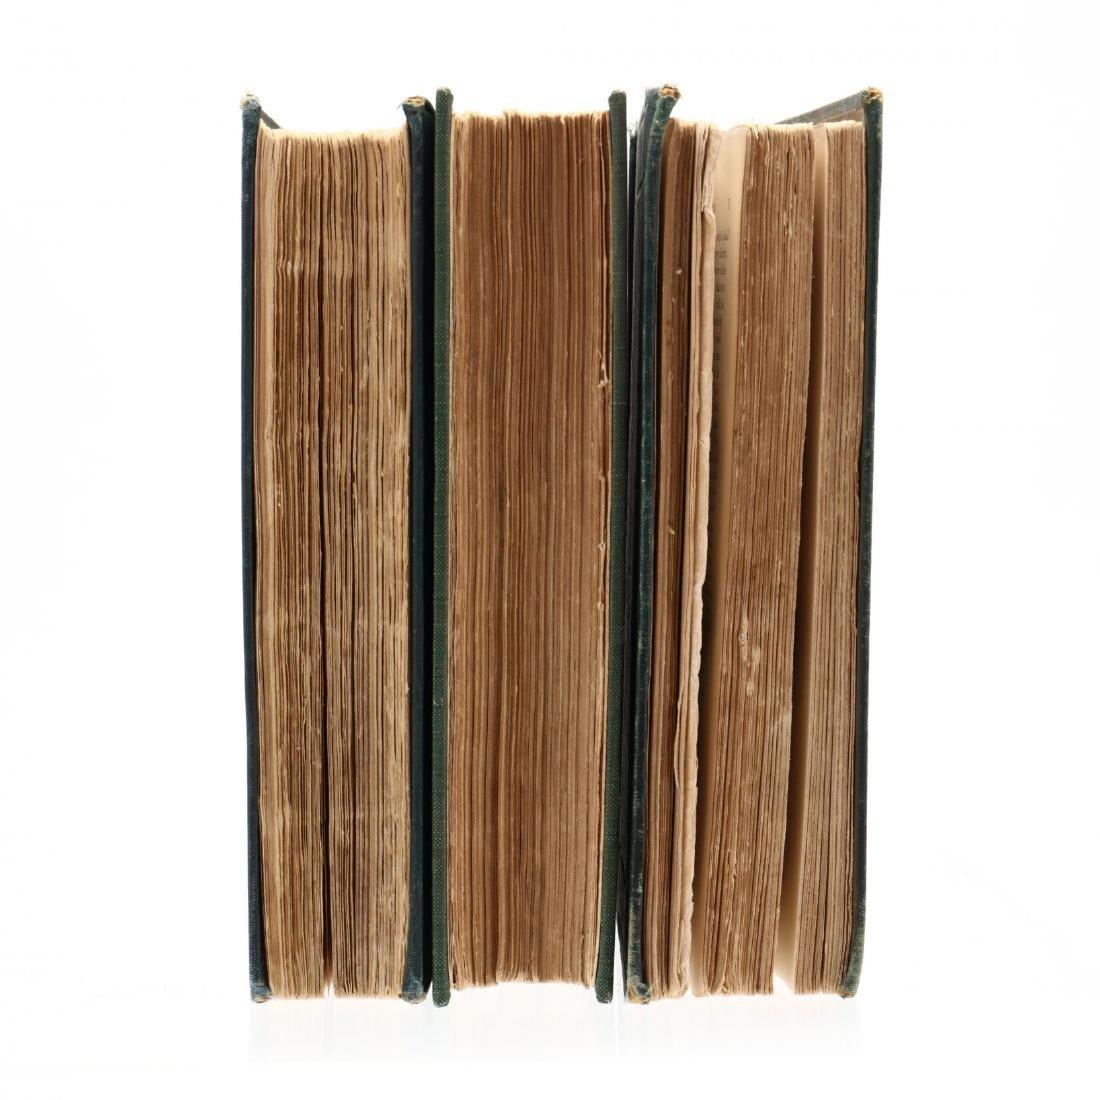 Three 19th Century Books by Charles Darwin - 3